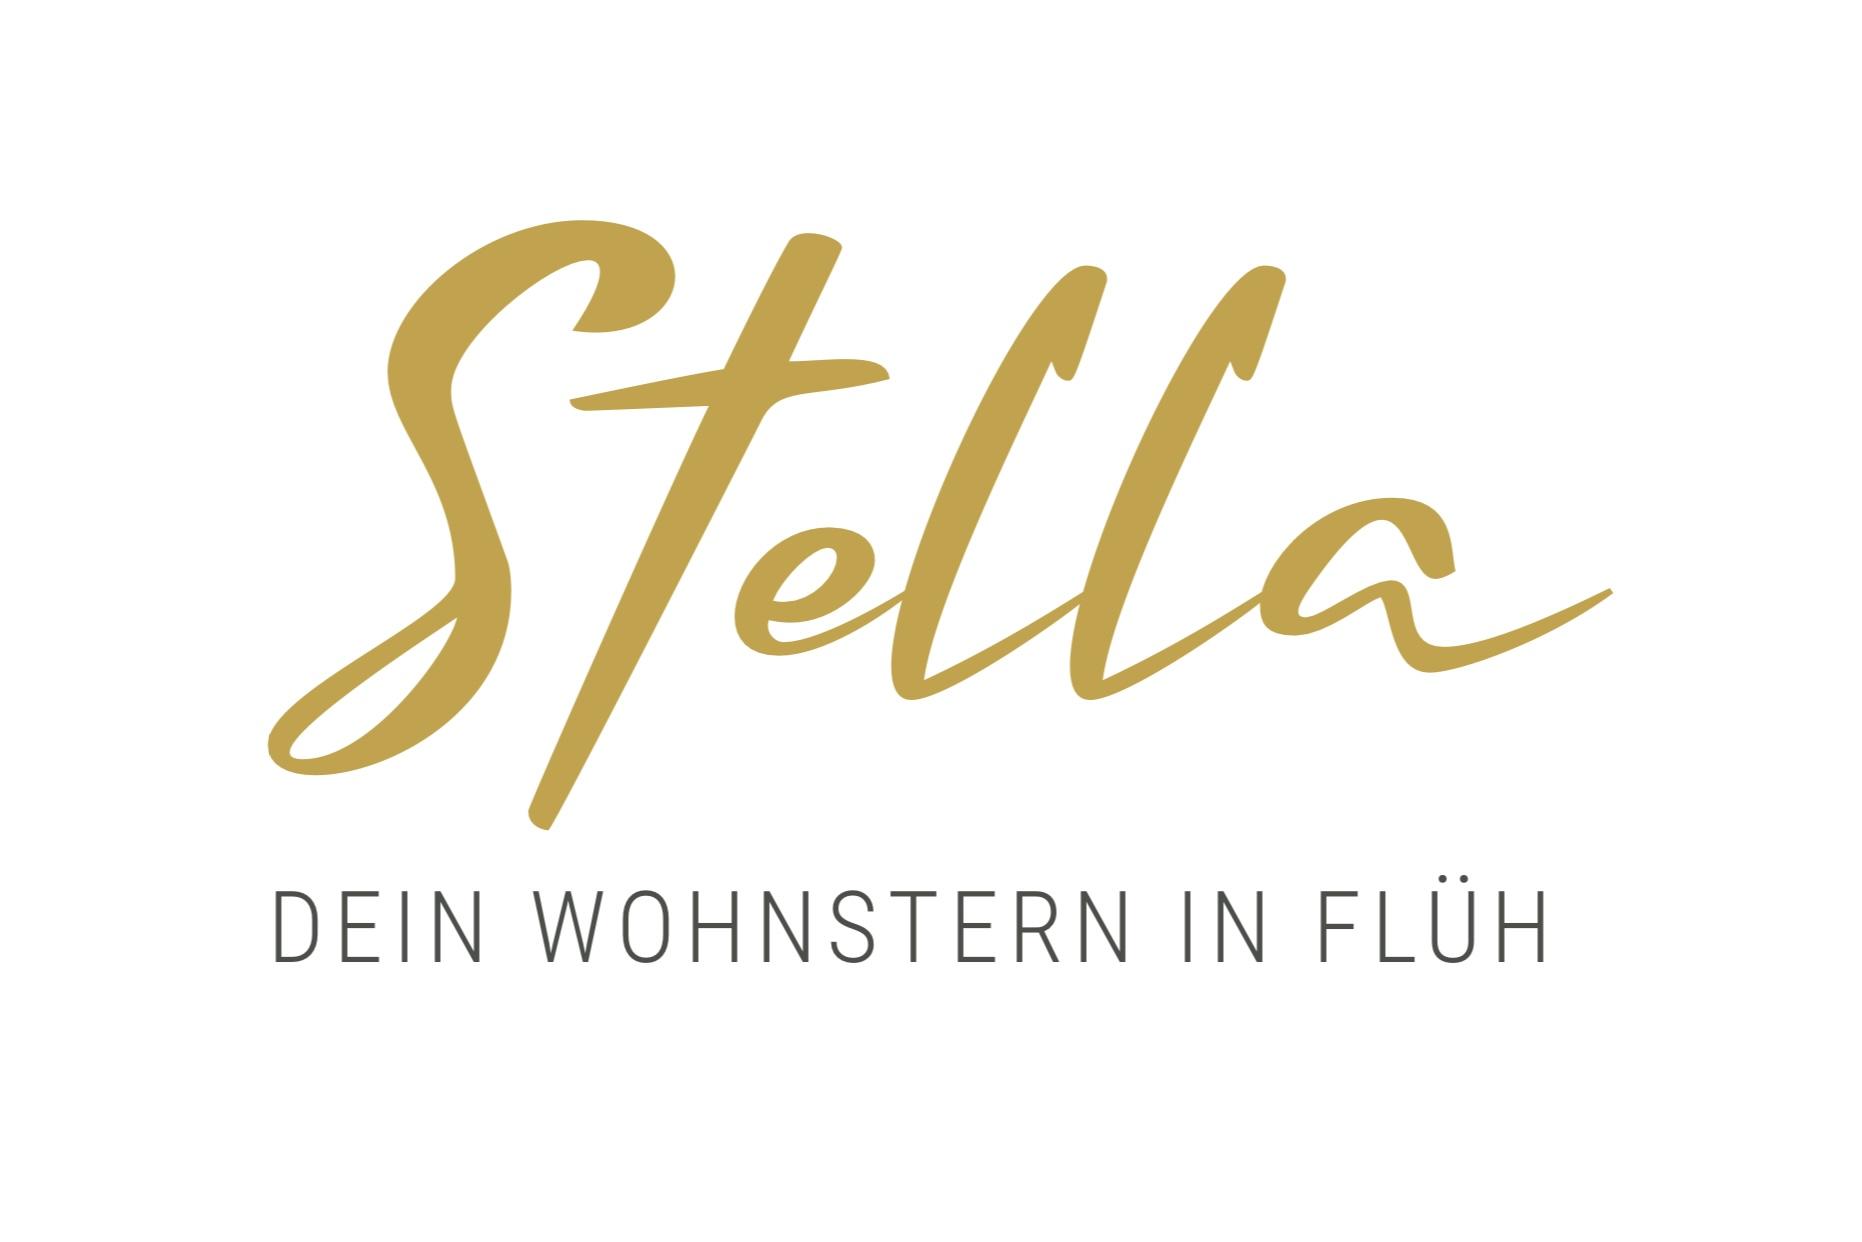 Stella Gewerbe Flüh